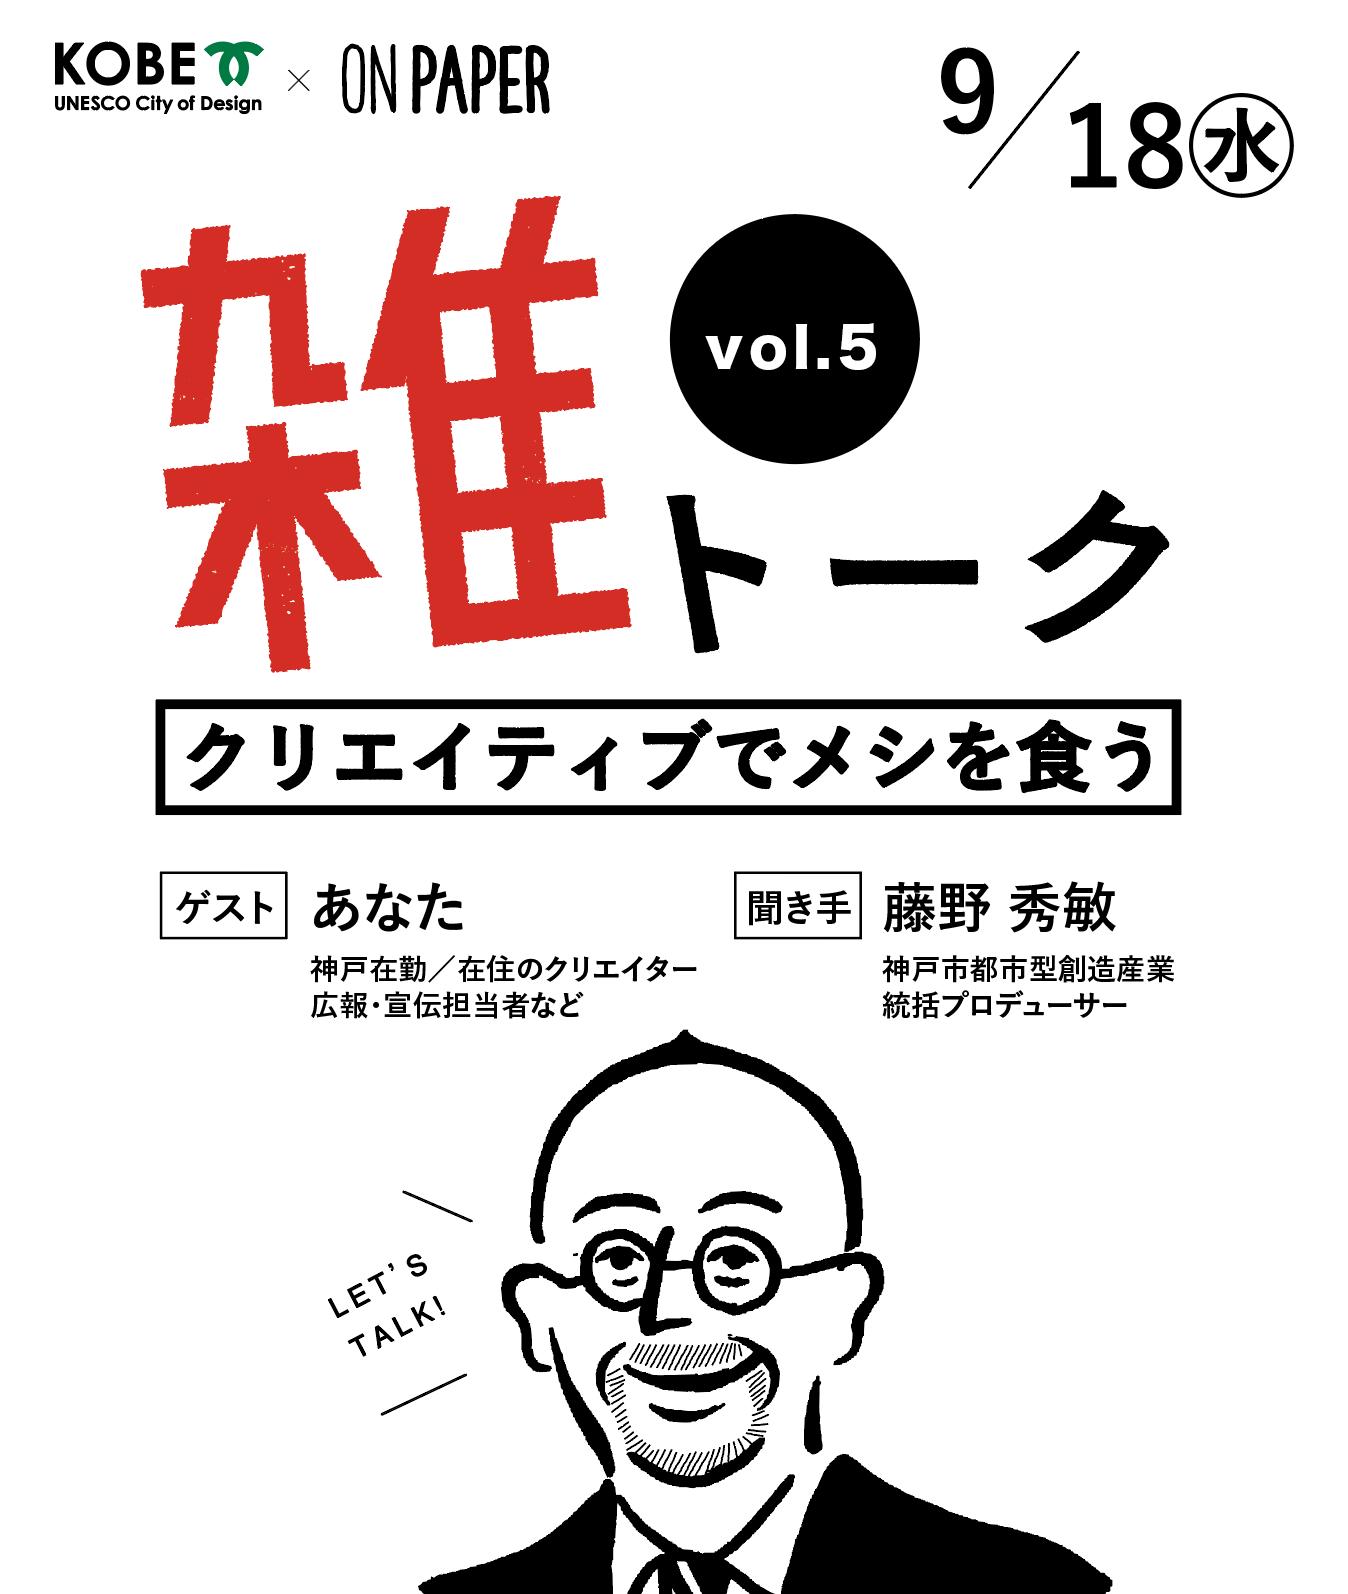 9/18(水)【「雑」の中にヒント?】雑トーク〜クリエイティブでメシを食う〜 vol.5